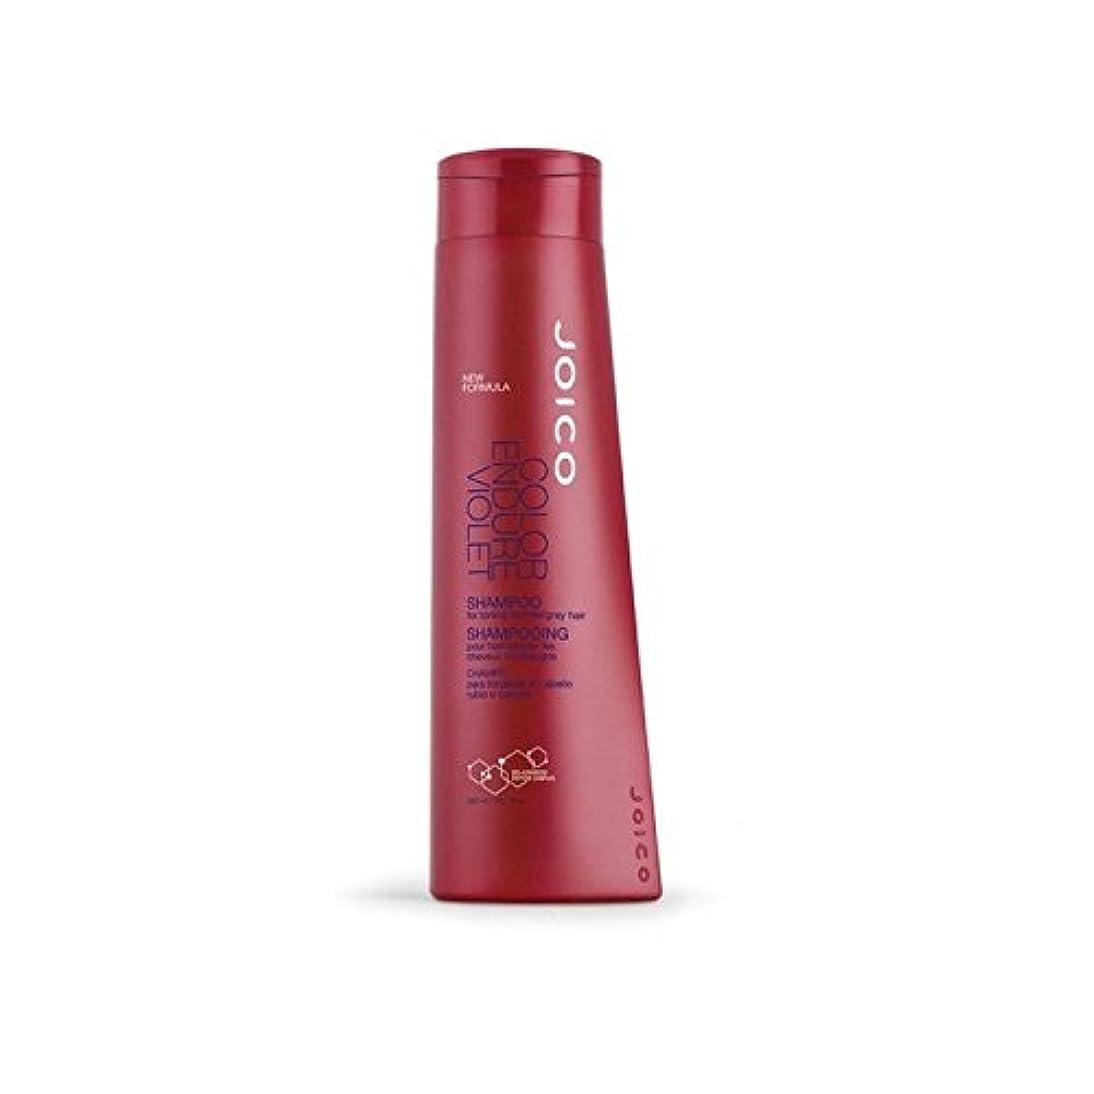 厚さ赤ちゃん宇宙紫色のシャンプーに耐えジョイコ色(300ミリリットル) x2 - Joico Color Endure Violet Shampoo (300ml) (Pack of 2) [並行輸入品]